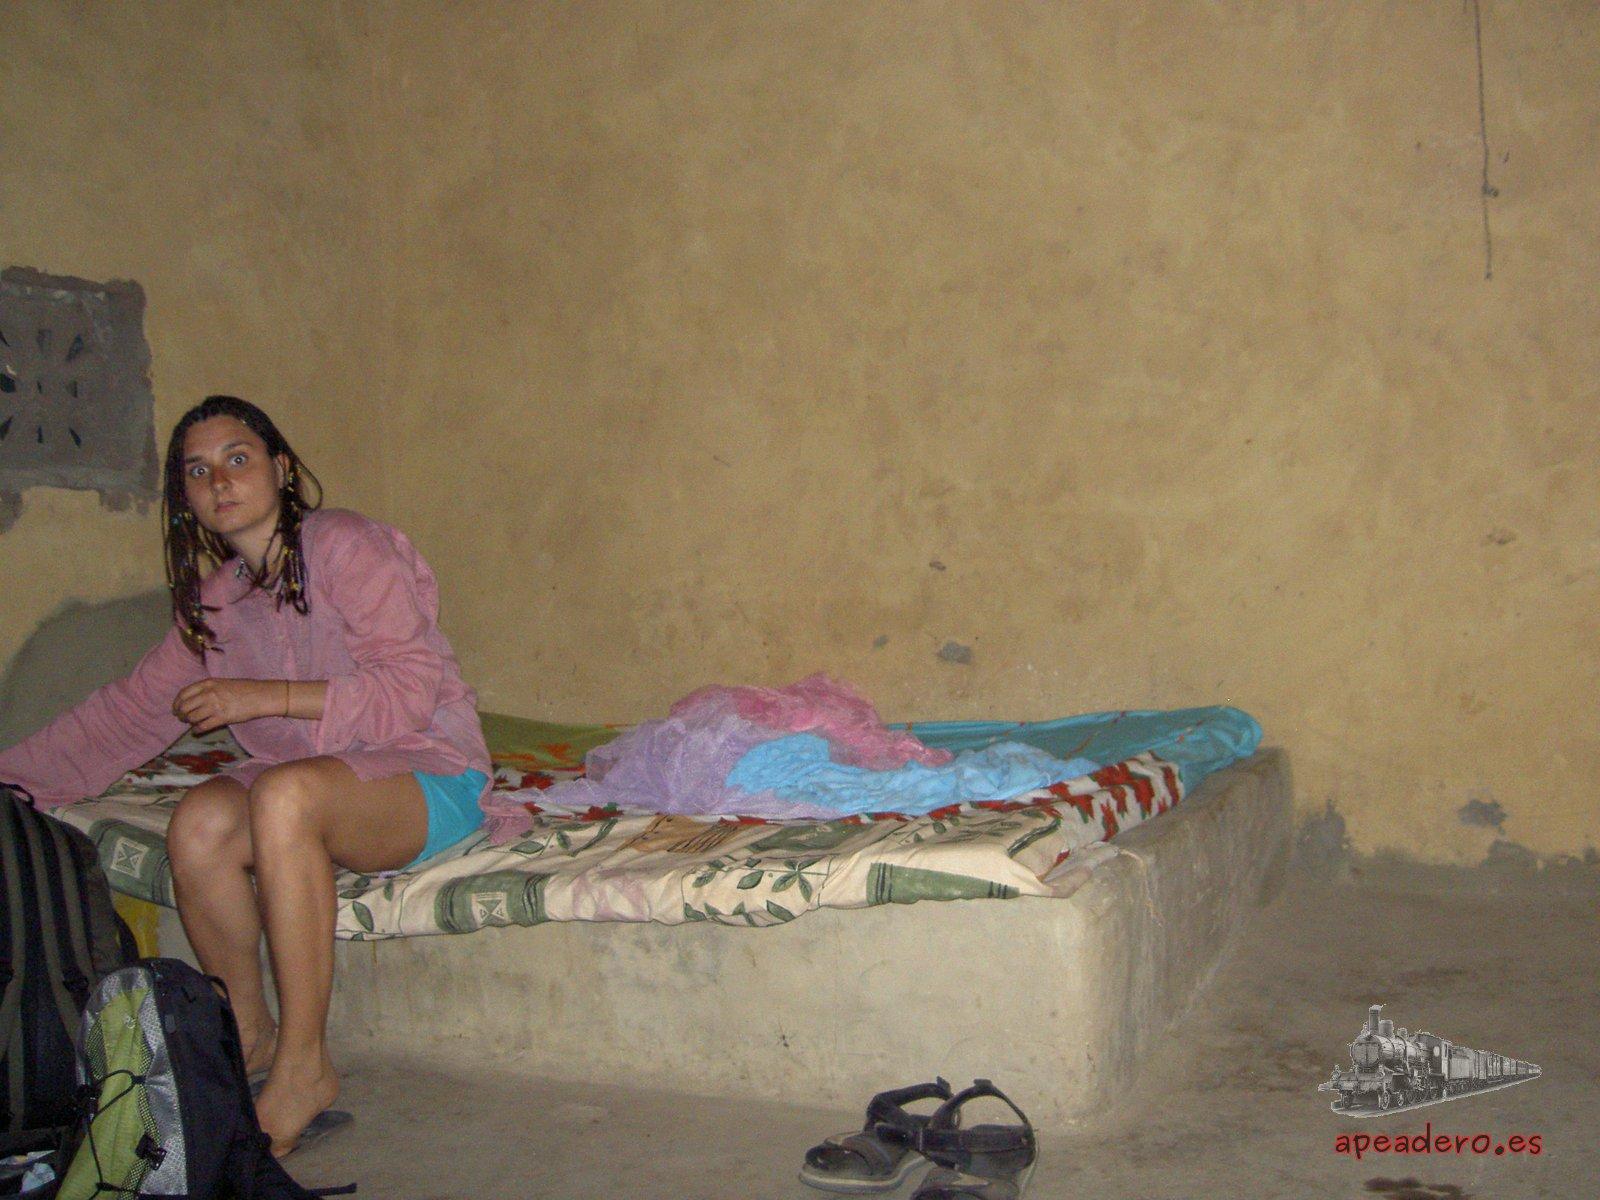 Nuria preparando la mosquitera para dormir en la modesta casa del camionero de Kafountine.